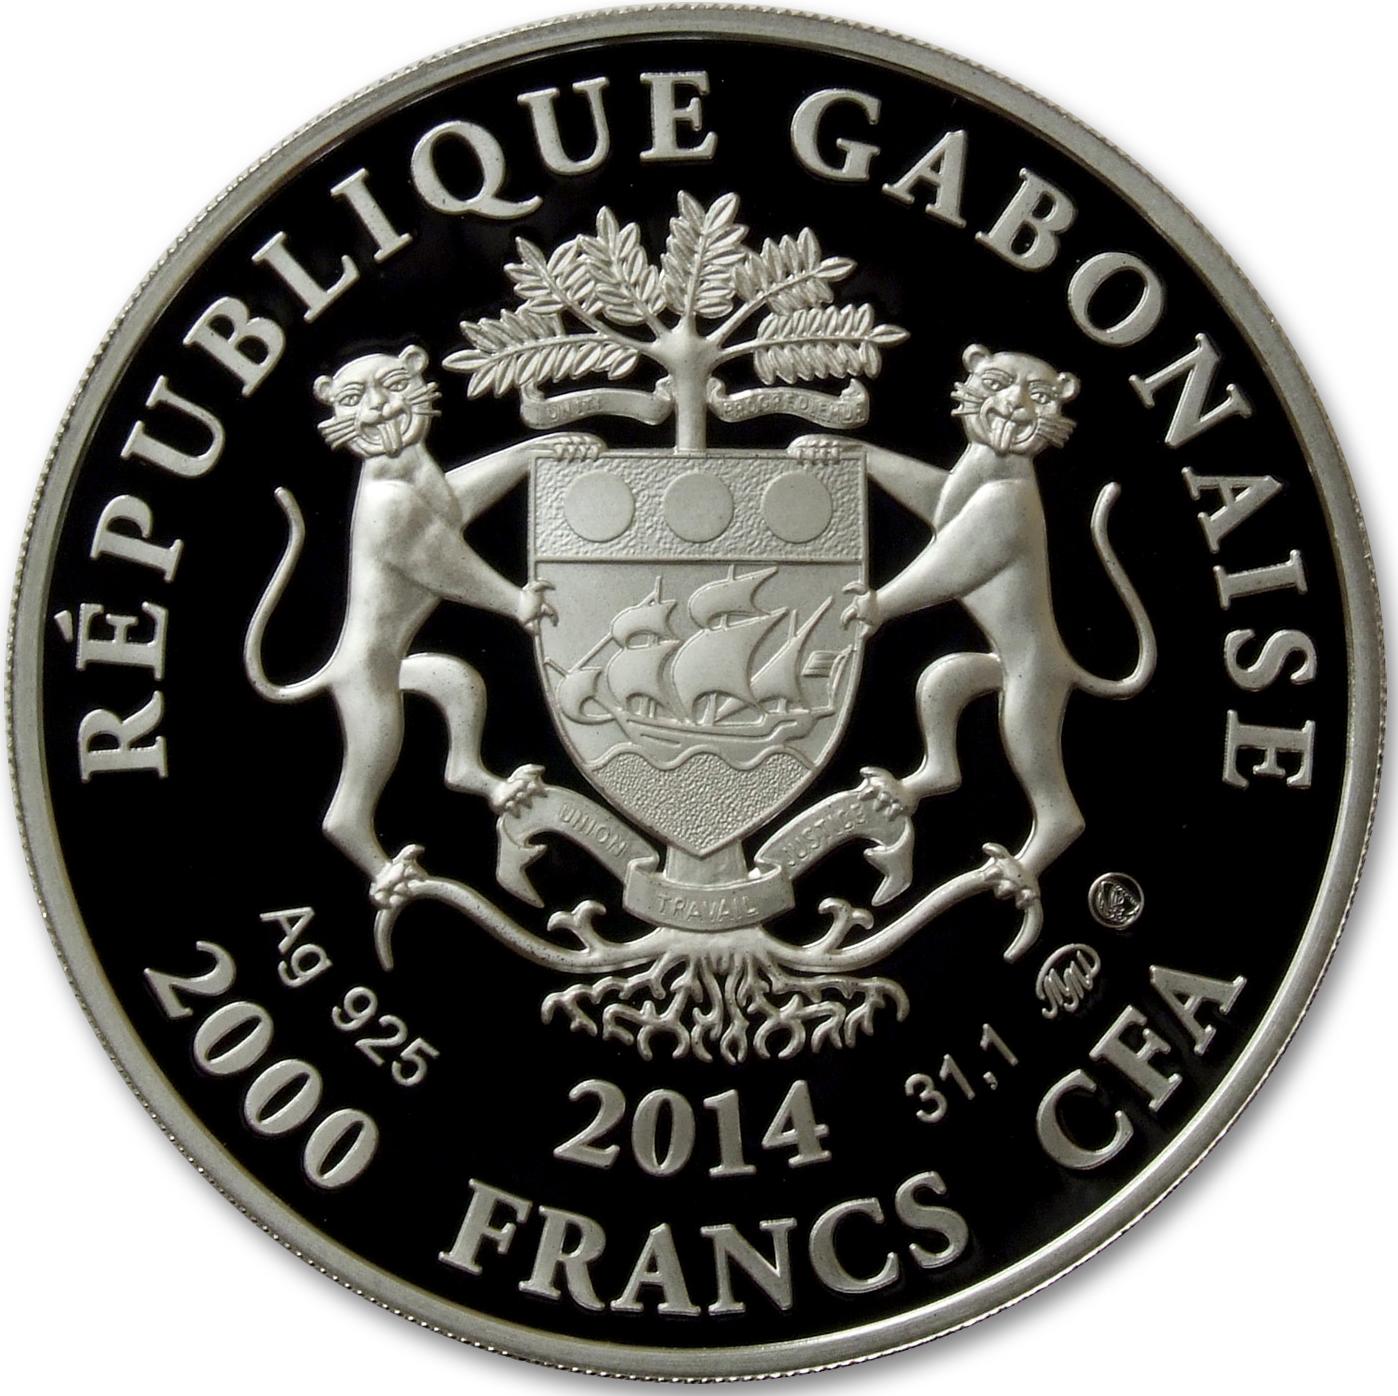 Серебряная монета скорпион габон франция купить копии российских монет